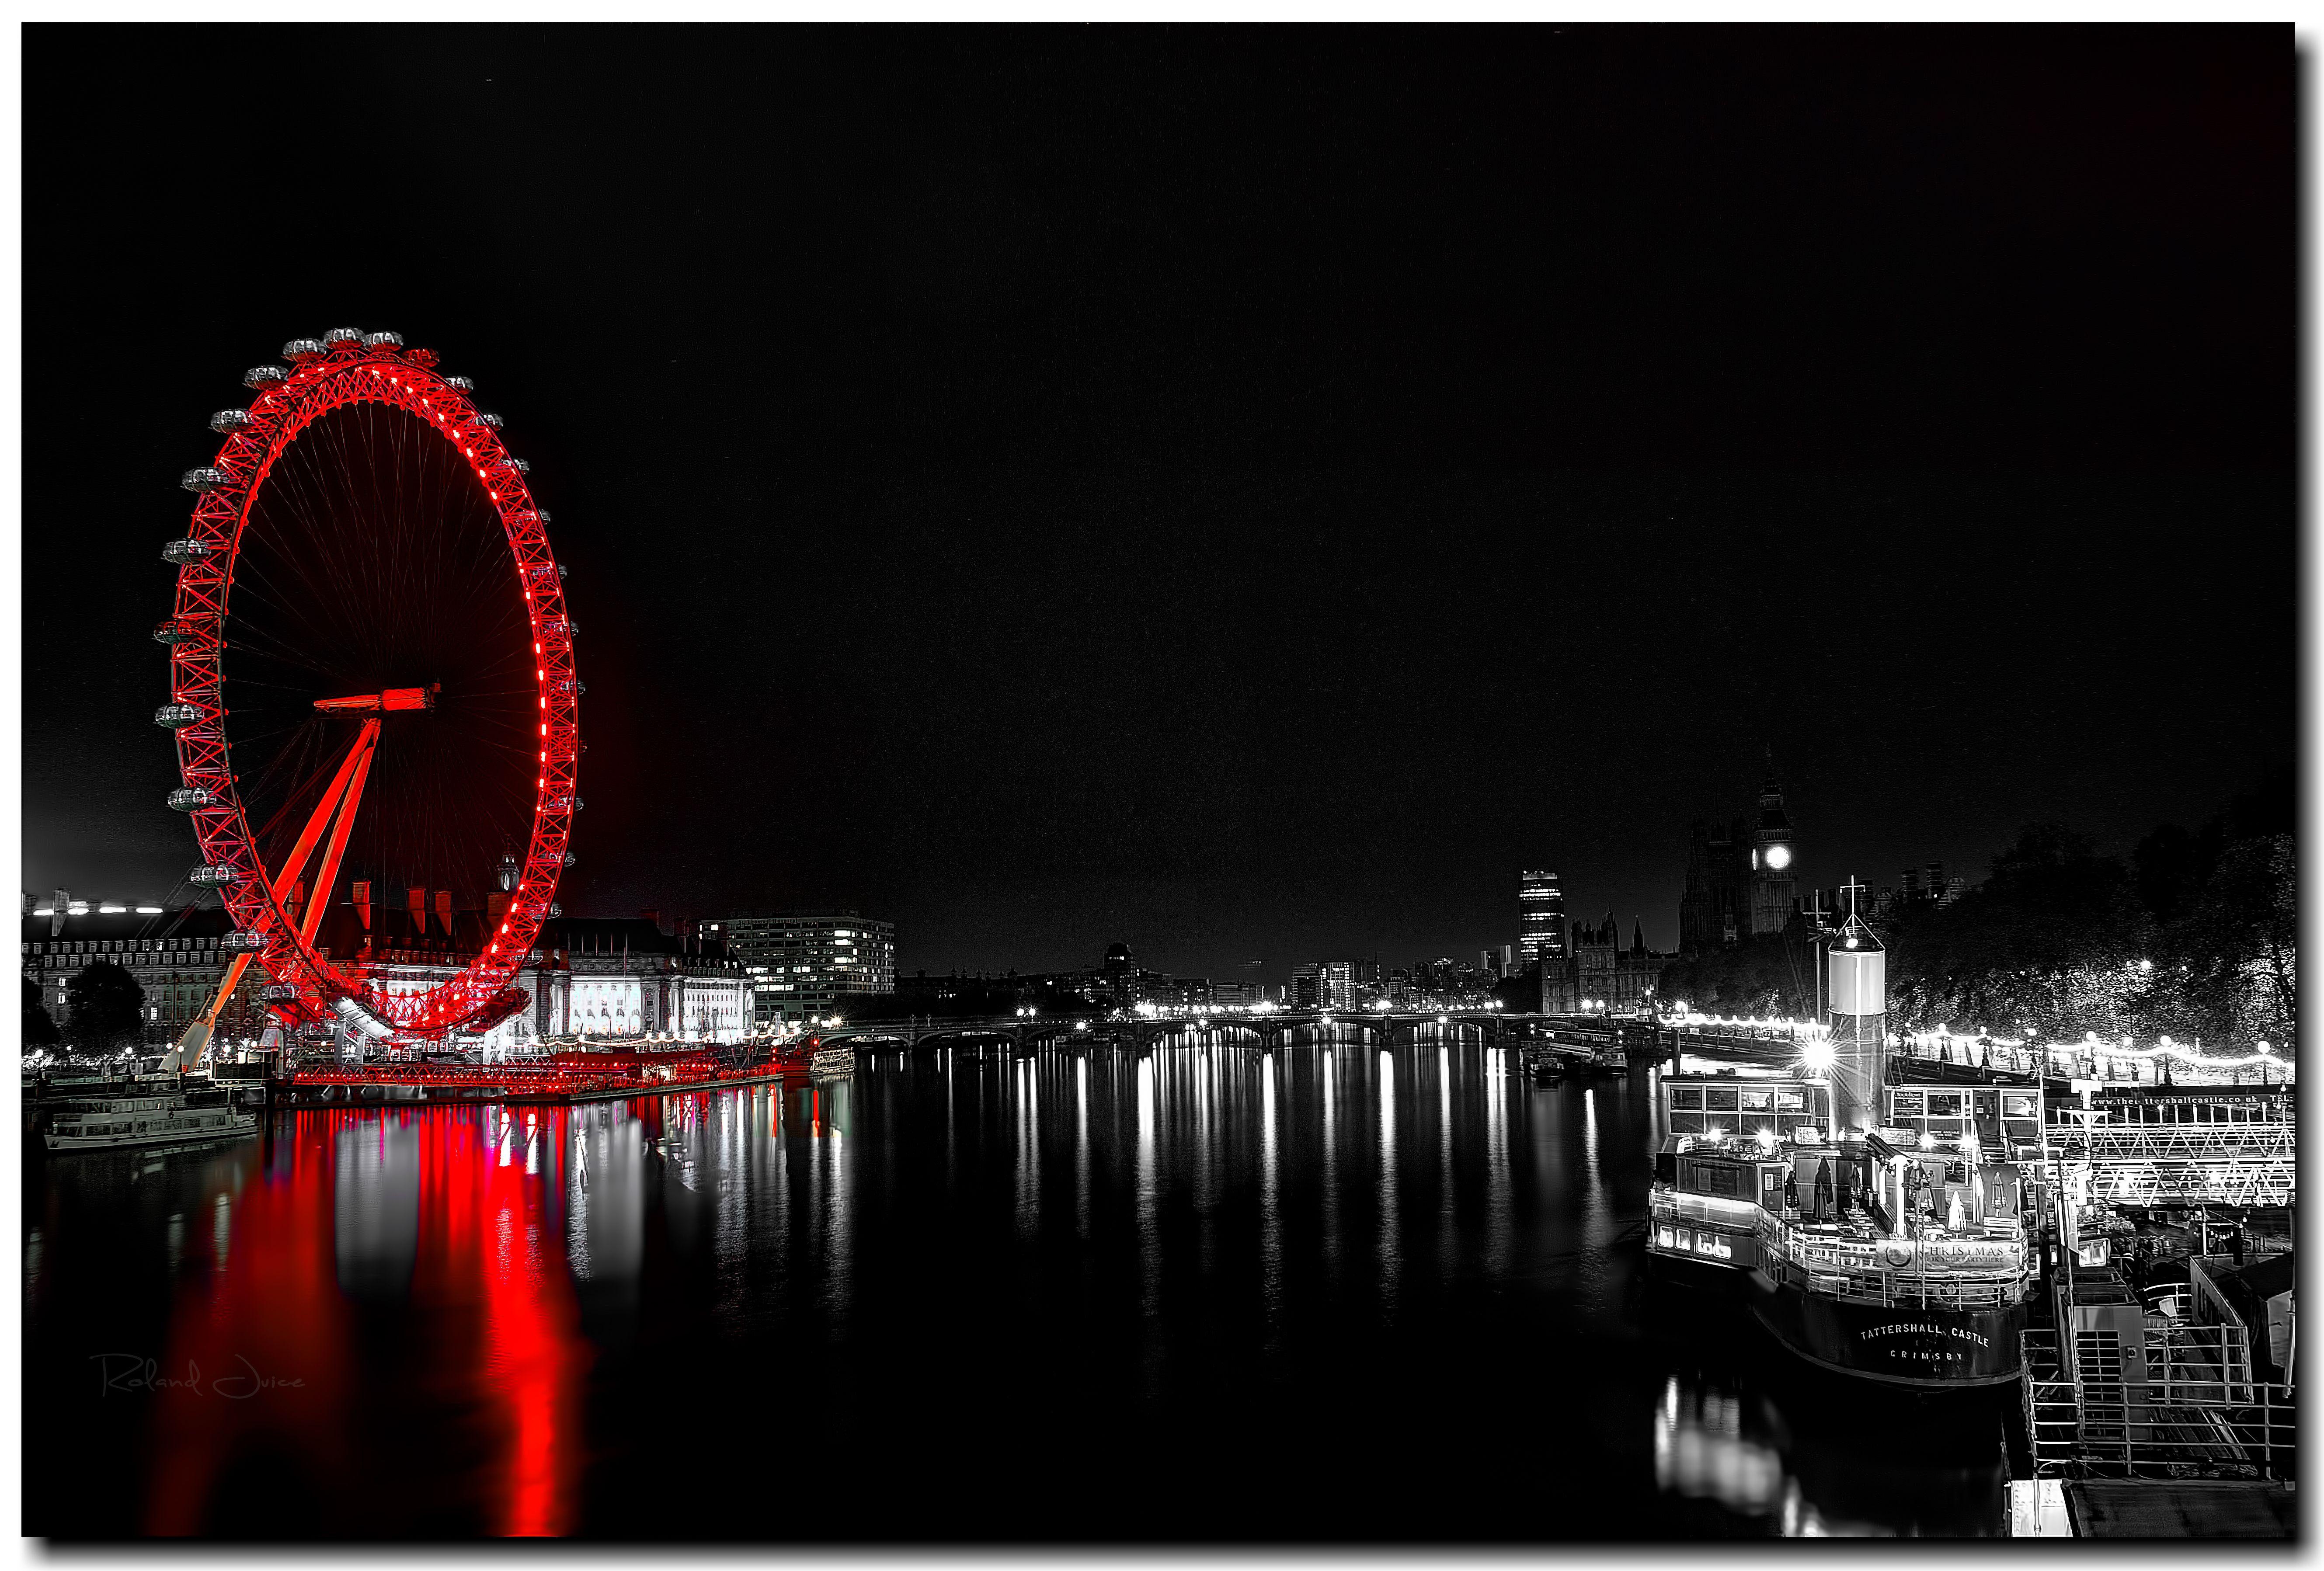 фото очень высокого разрешения город черно красный